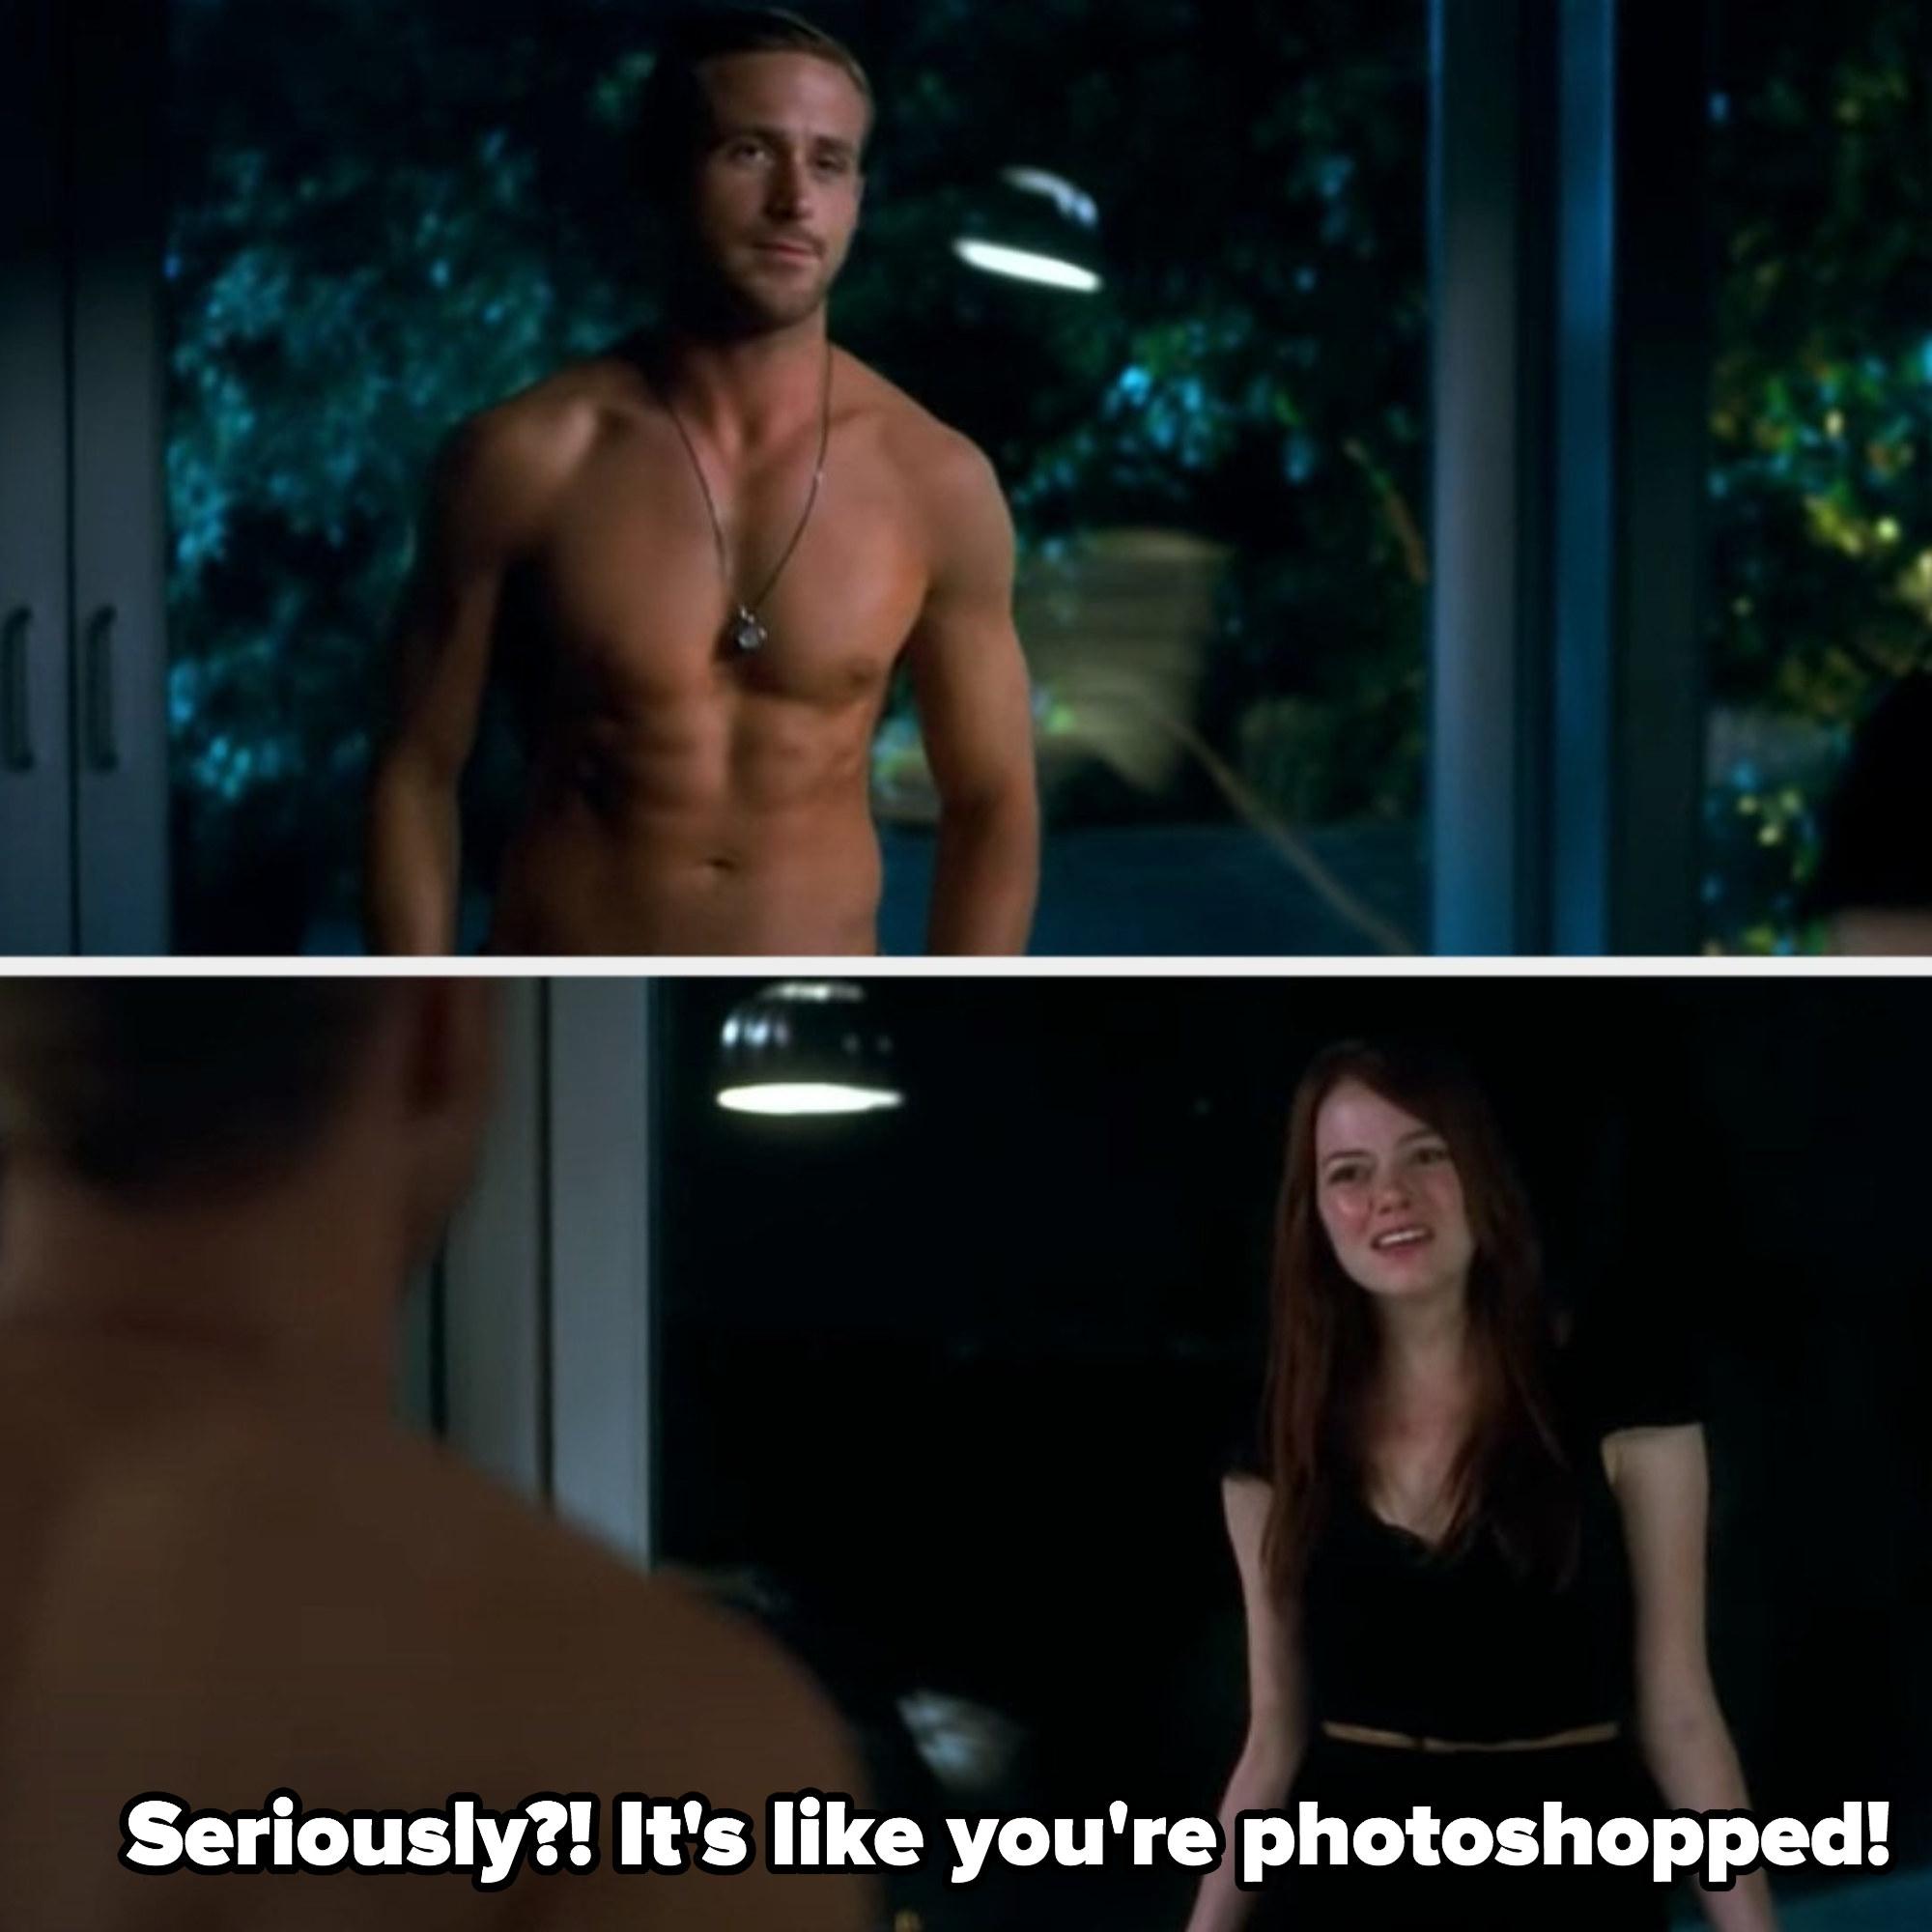 汉娜对雅各布大喊大叫,说他看起来像';s photoshopped公司